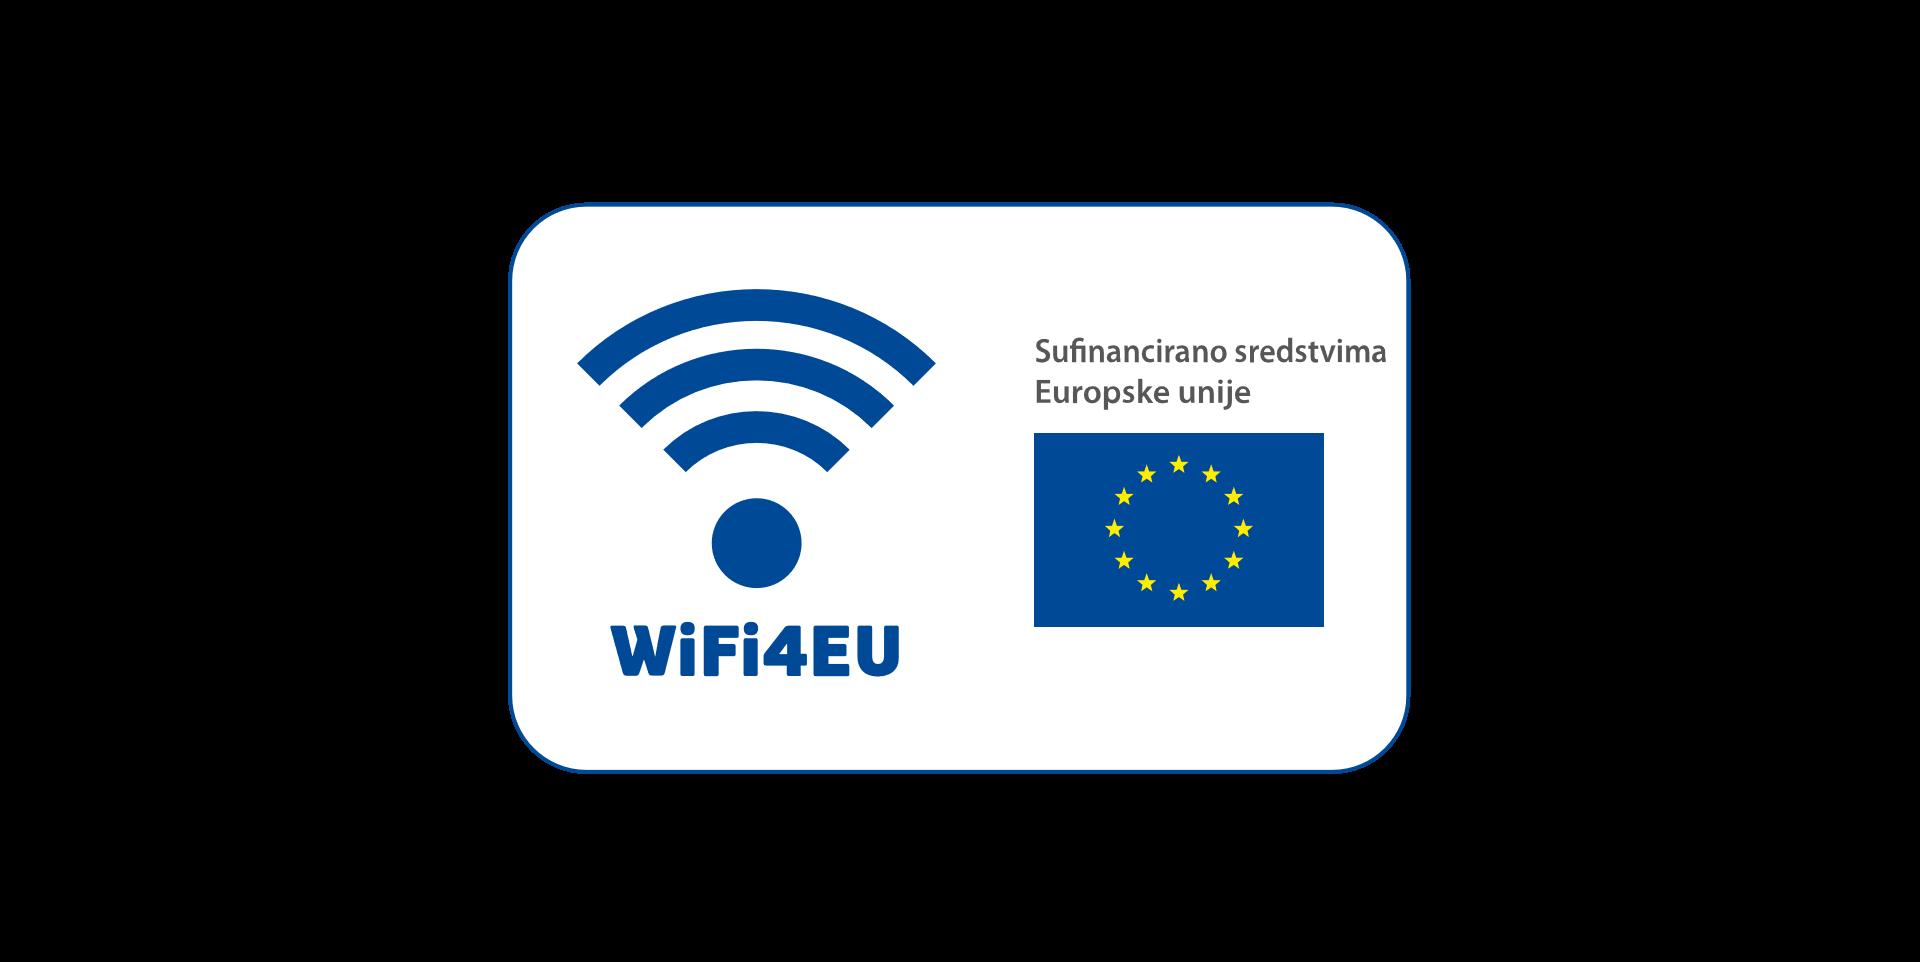 WiFi mreža